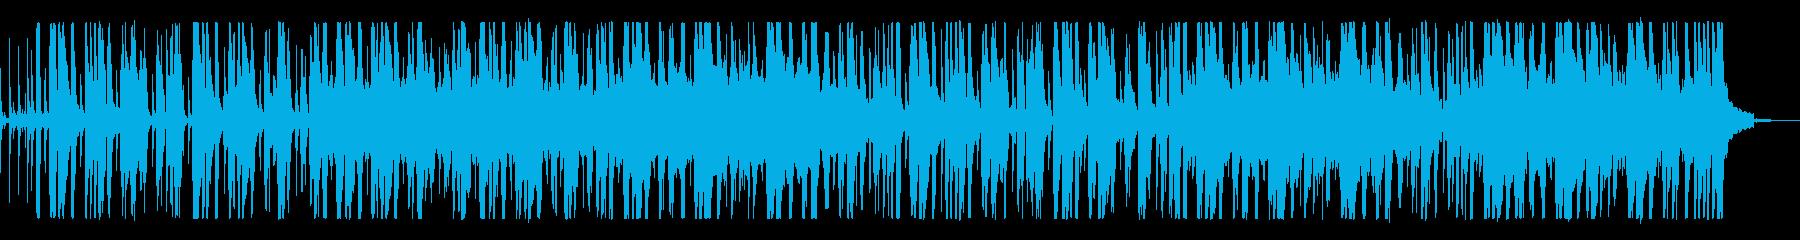 動画 楽しげ バックグラウンド パ...の再生済みの波形